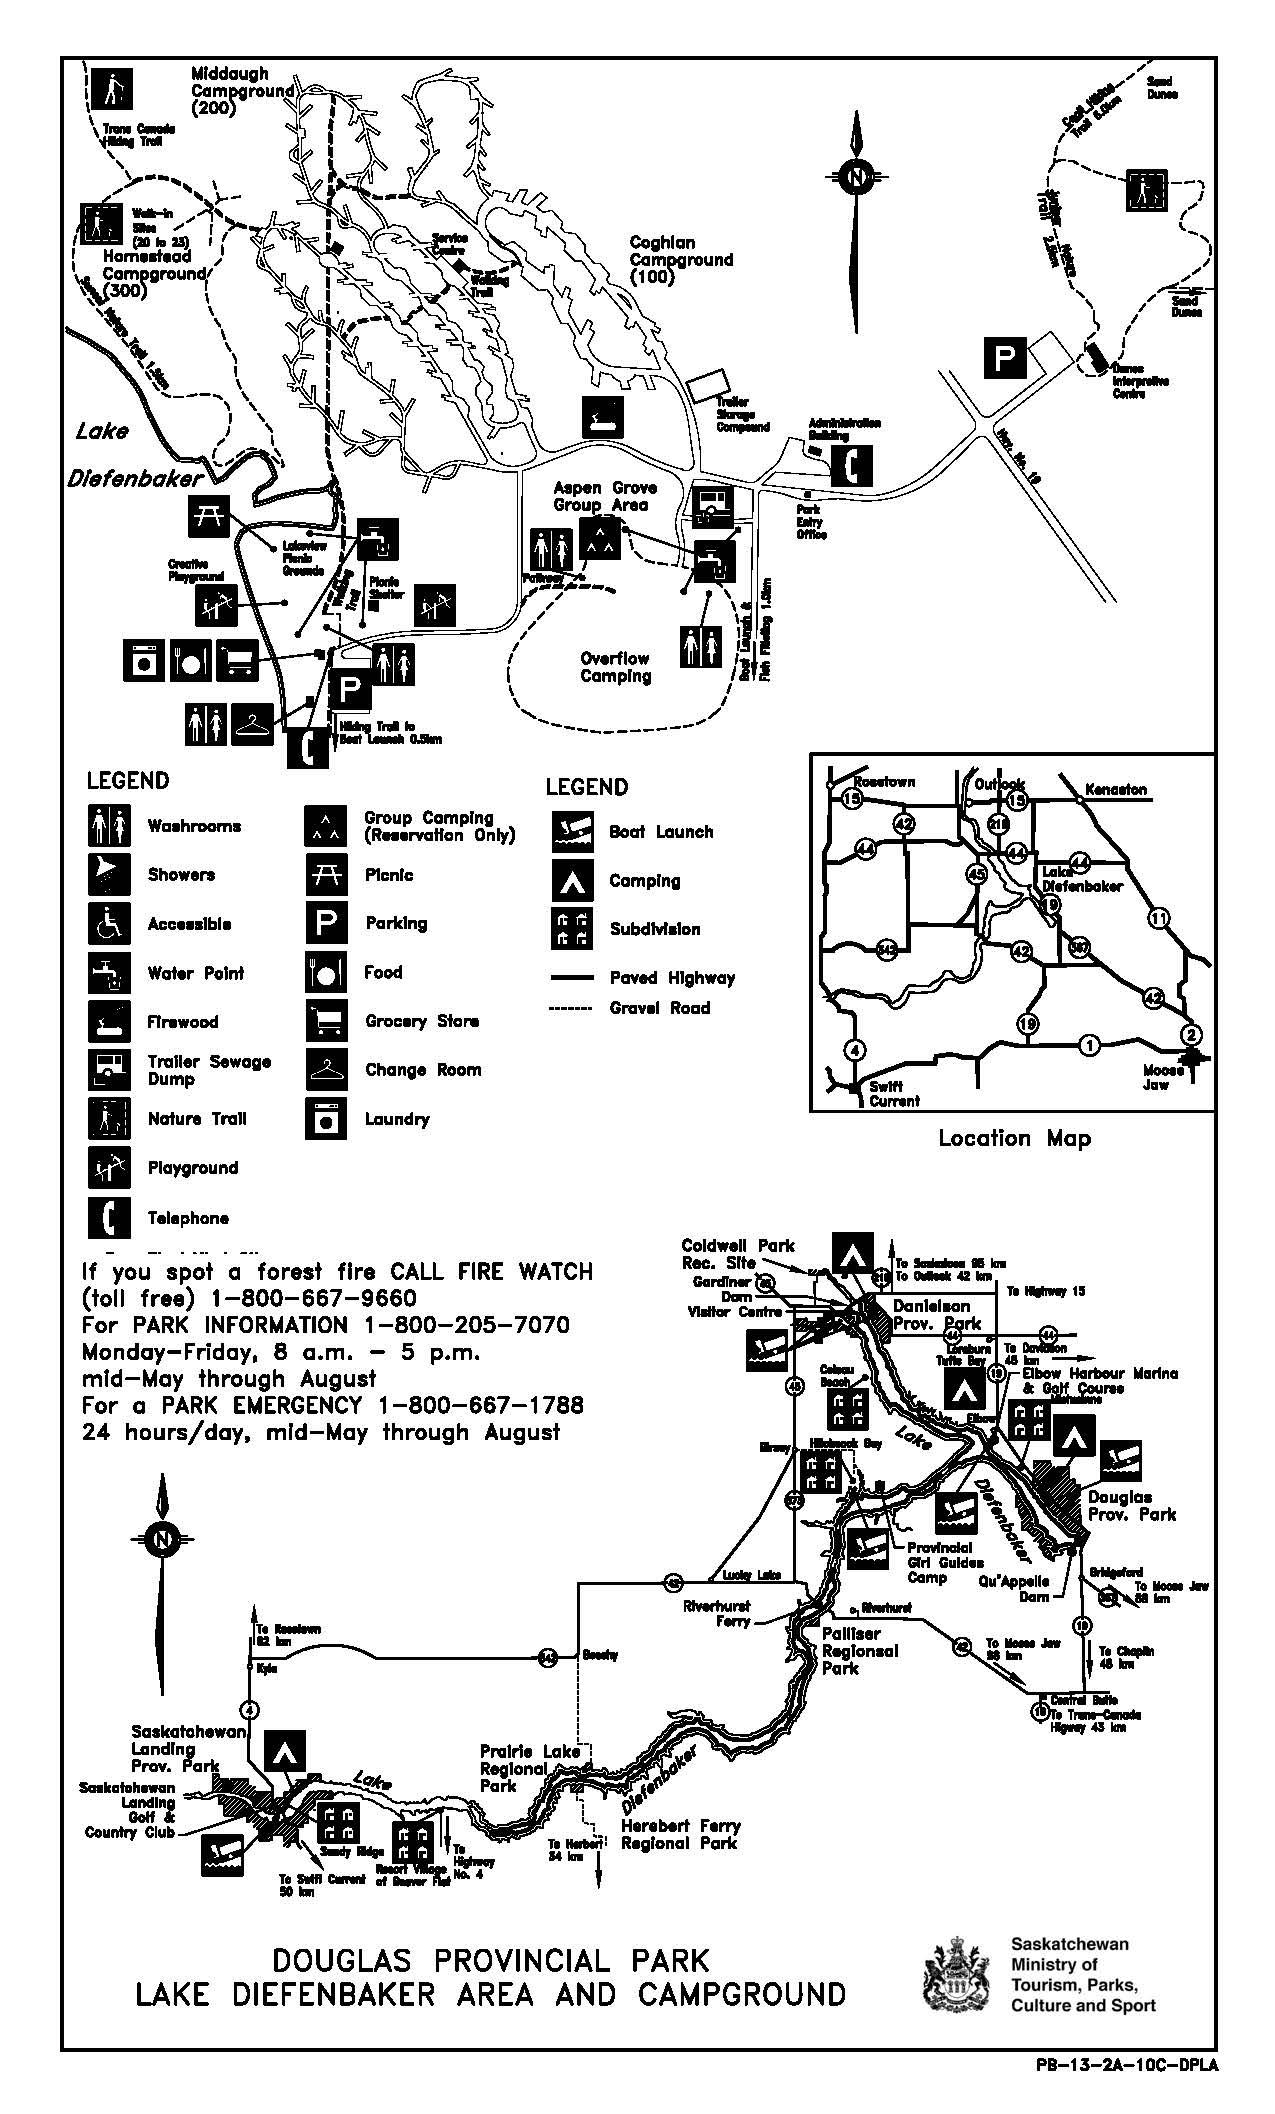 douglas prov park map